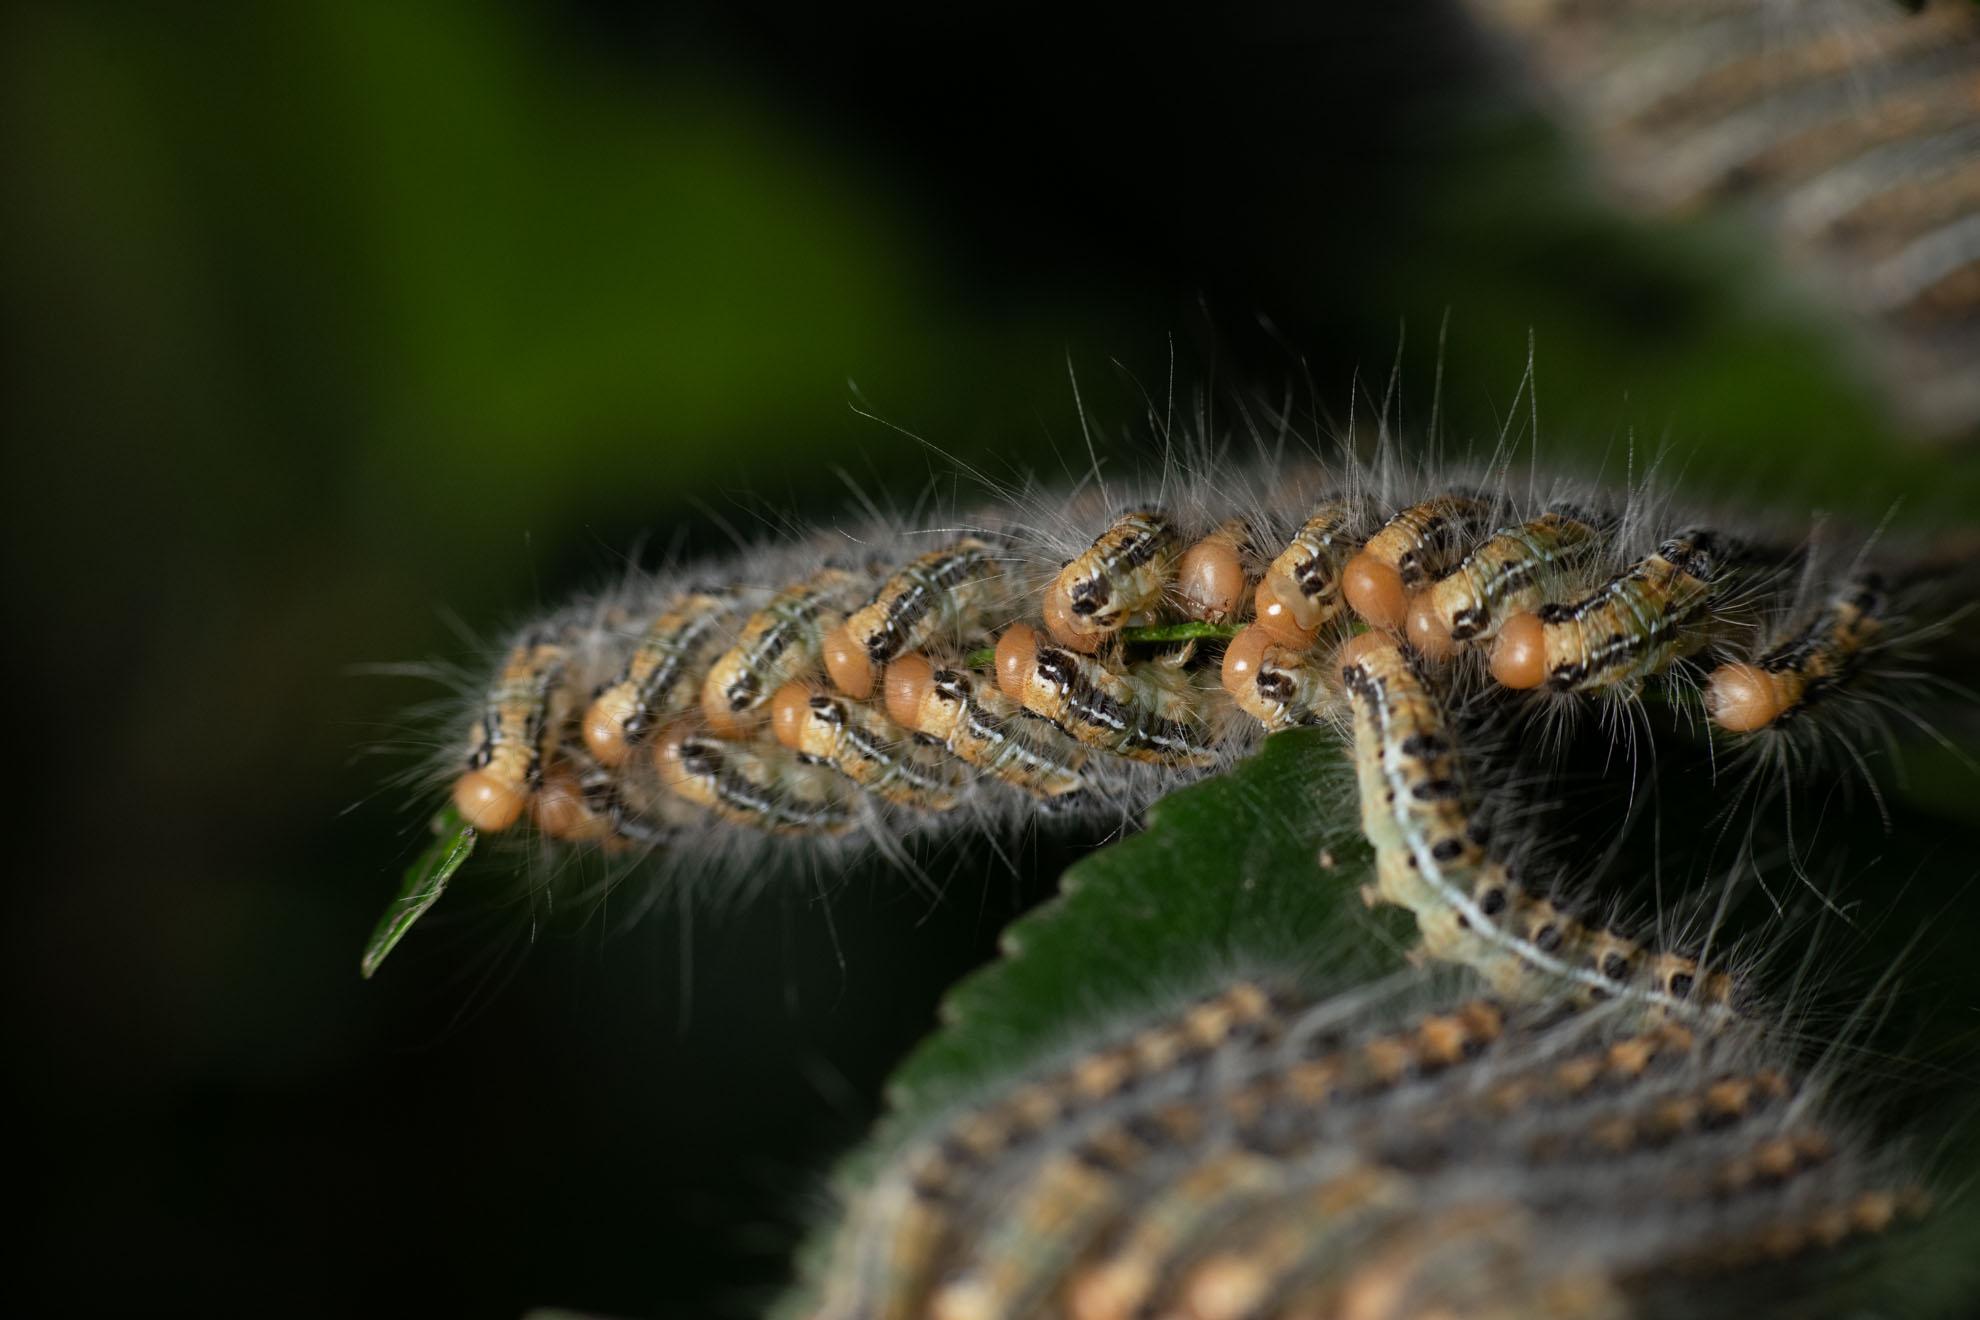 光が丘公園で見られる危険な虫、チャドクガの幼虫